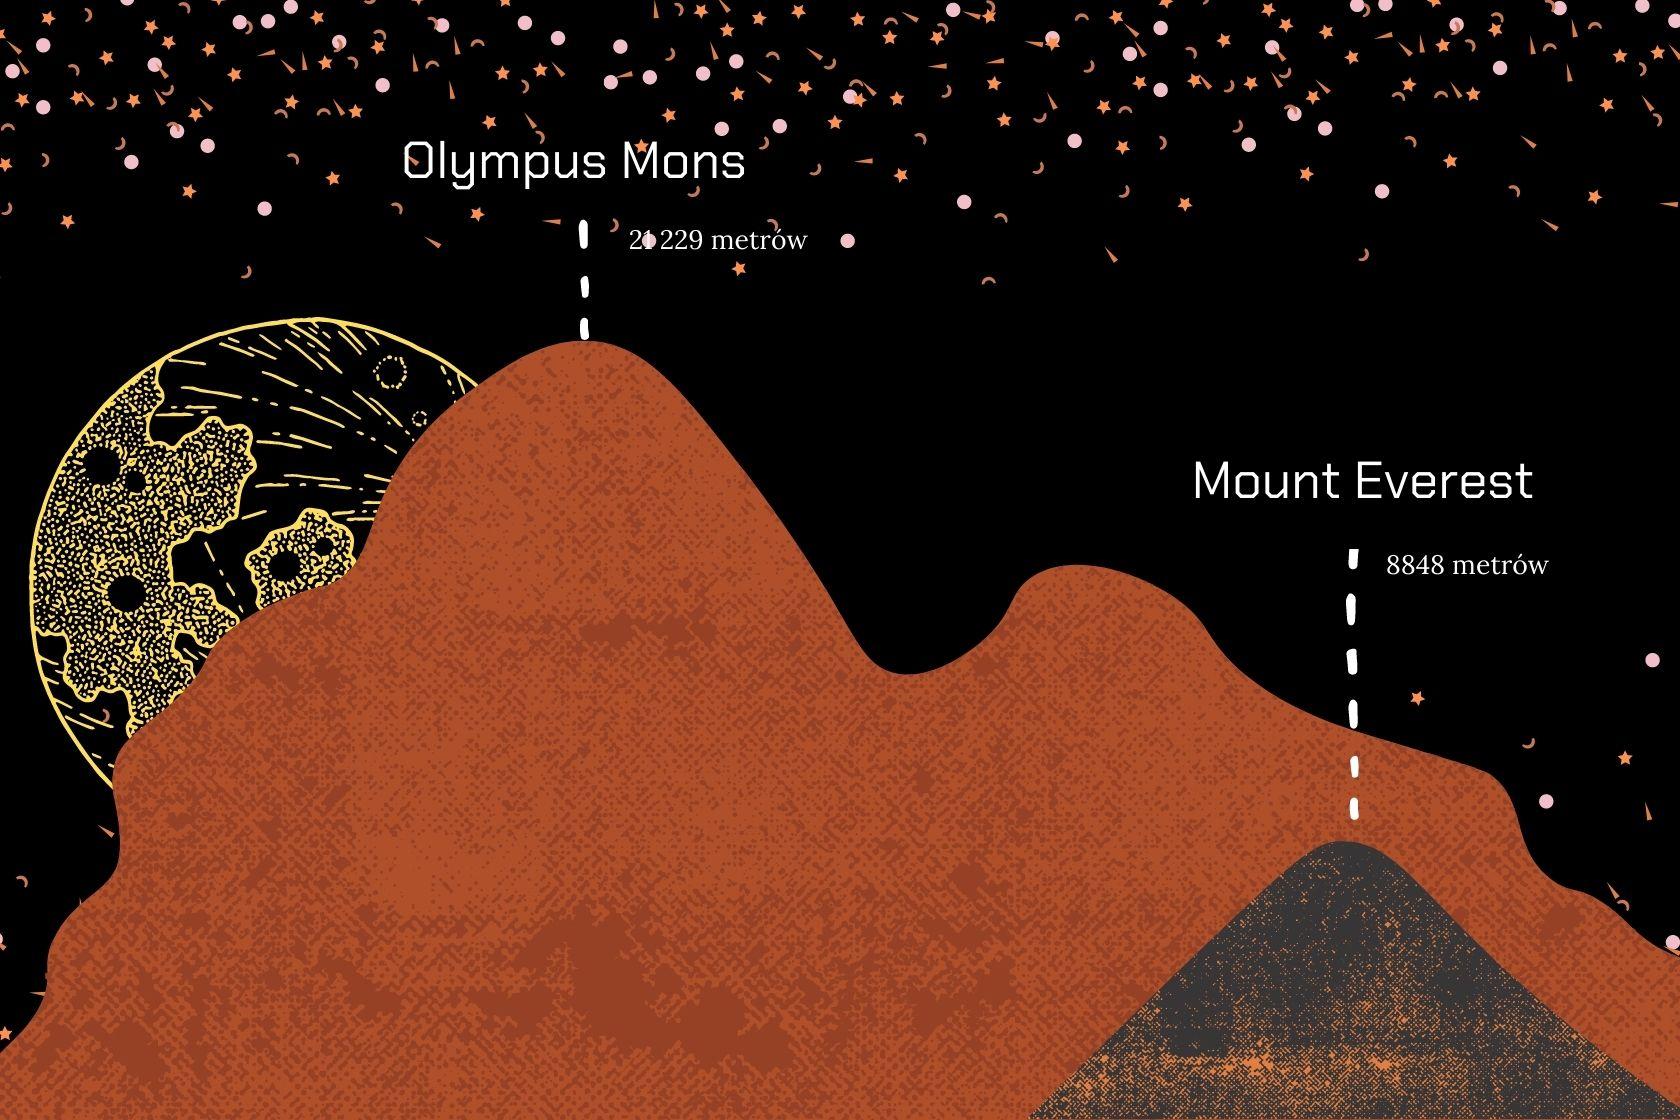 Mars, Olympus Mons vs Mount Everest